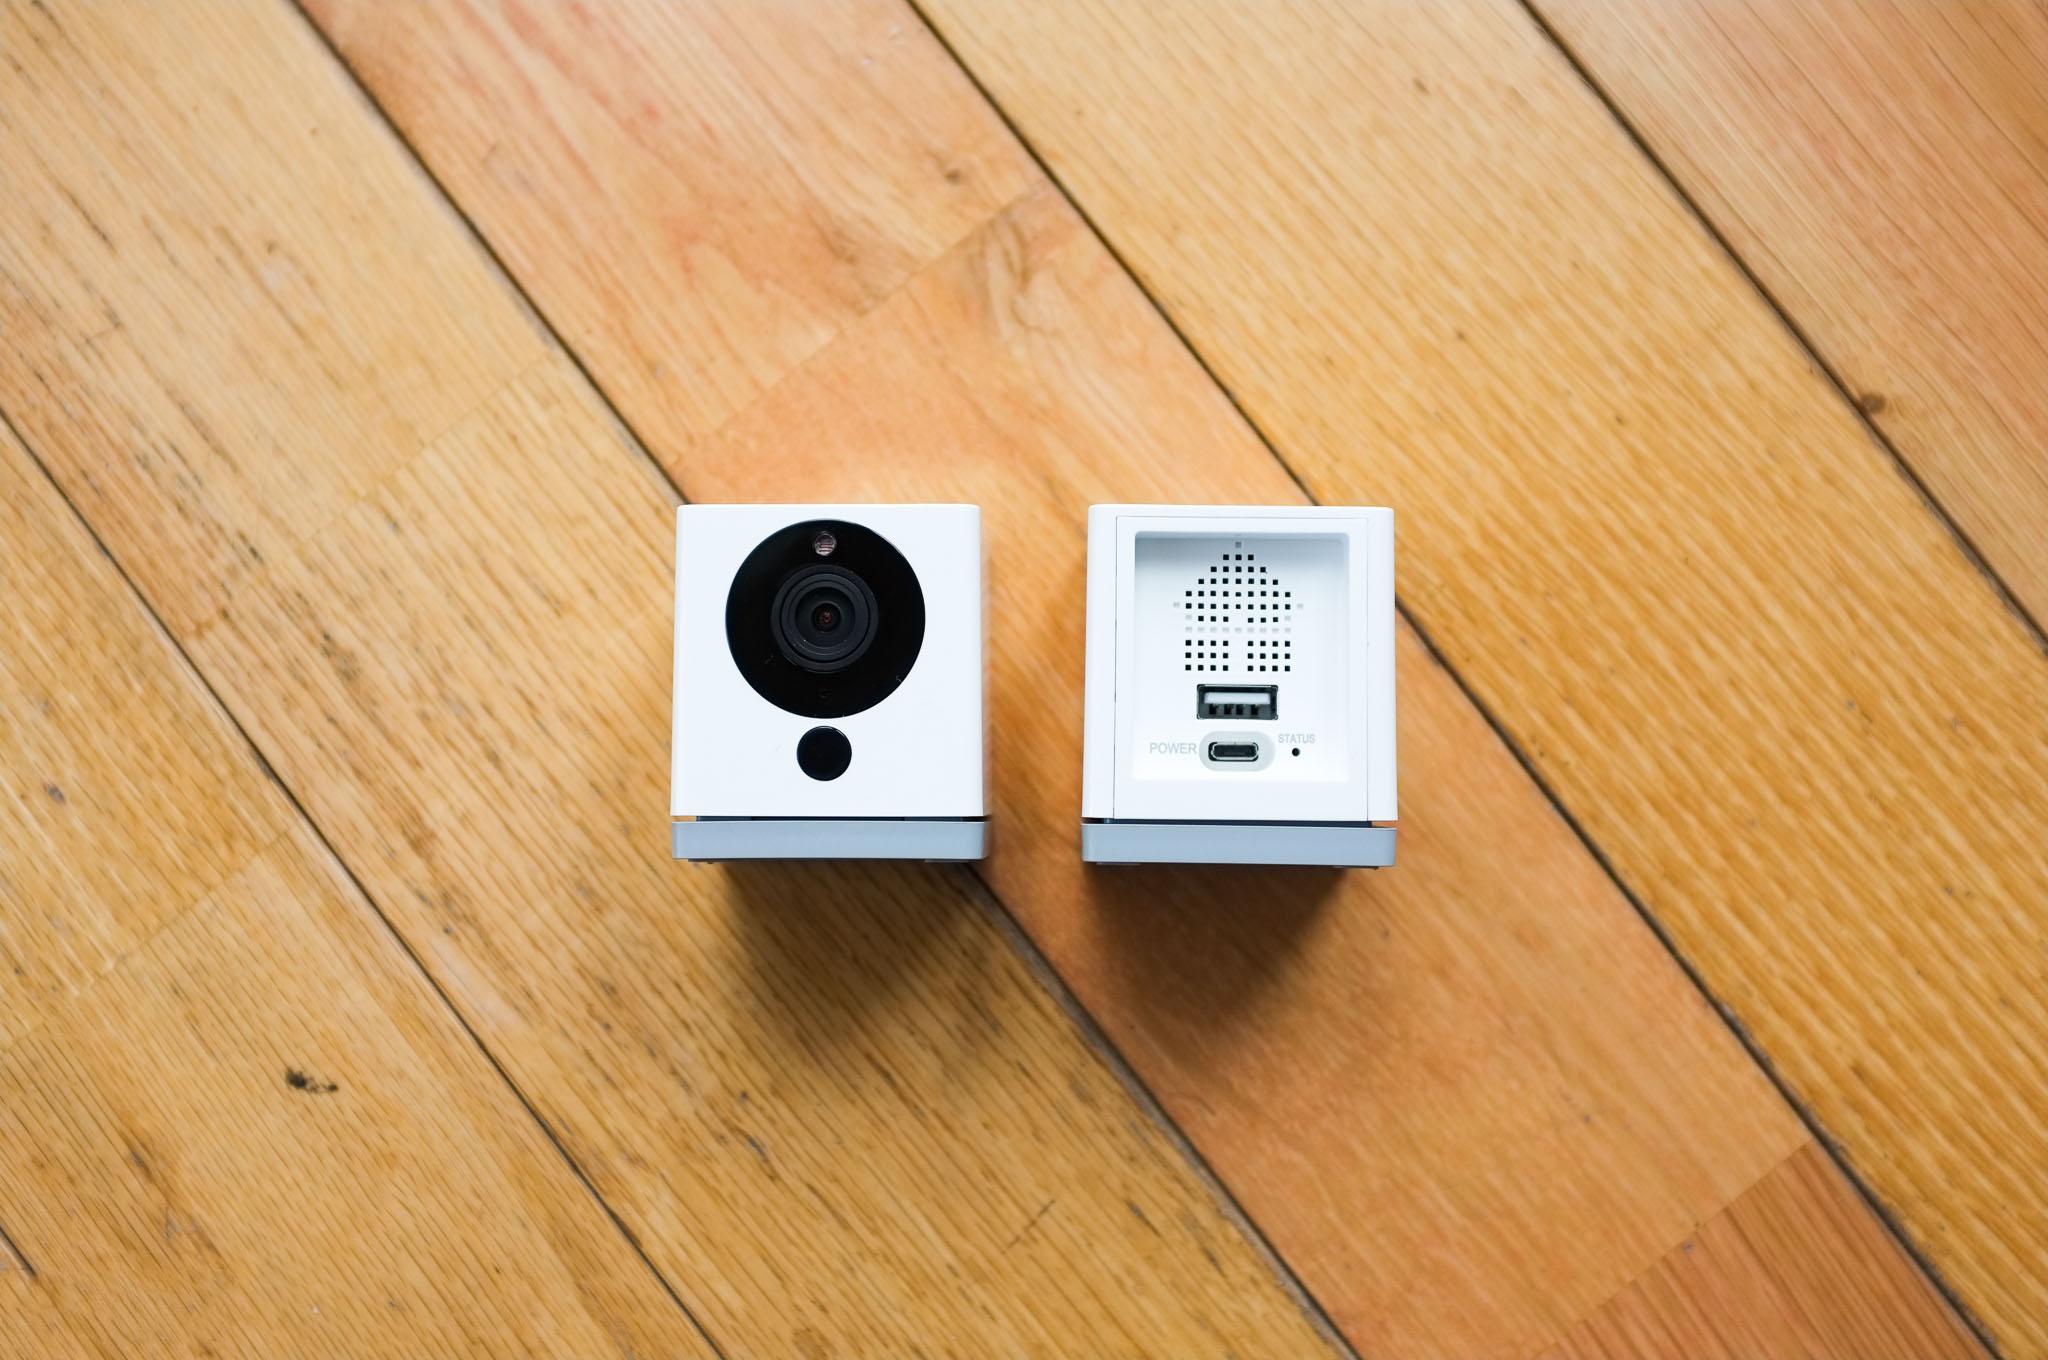 4005610_Tinhte-xiaomi-mini-square-camera-3.jpg